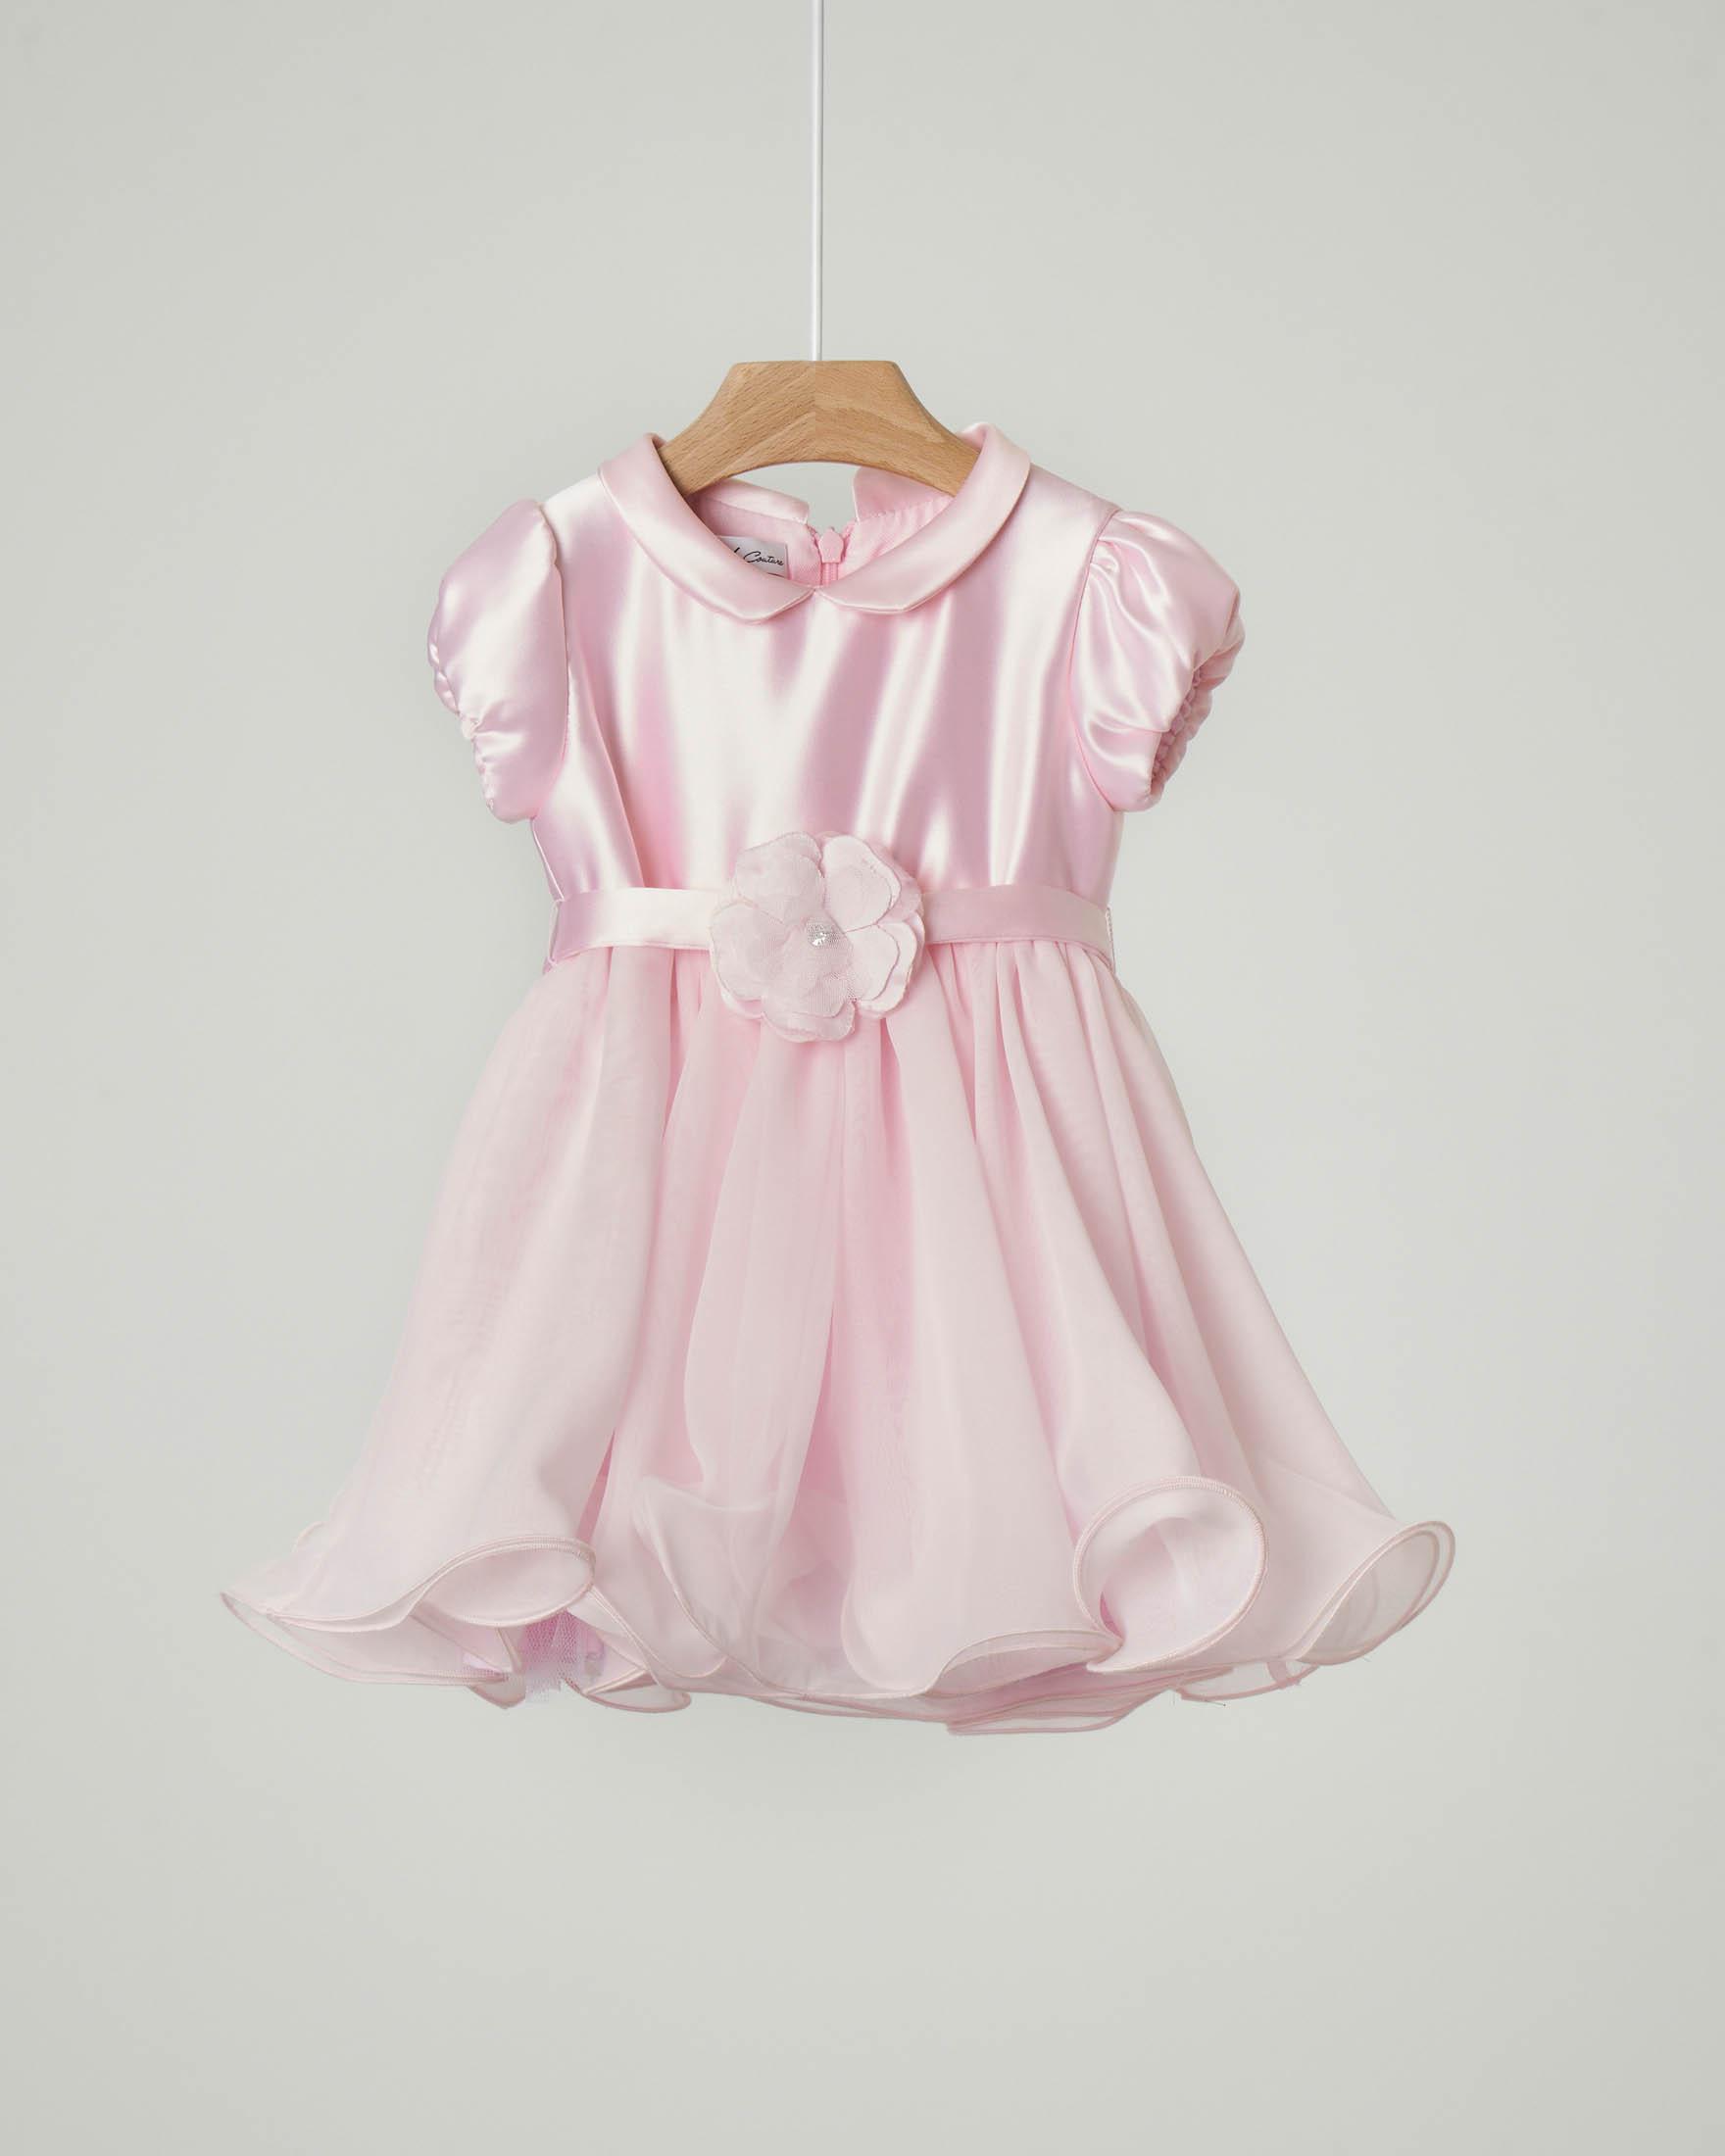 Abito rosa in raso con gonna in tulle ondulata e cintura con fiocco abbinata 6-12 mesi